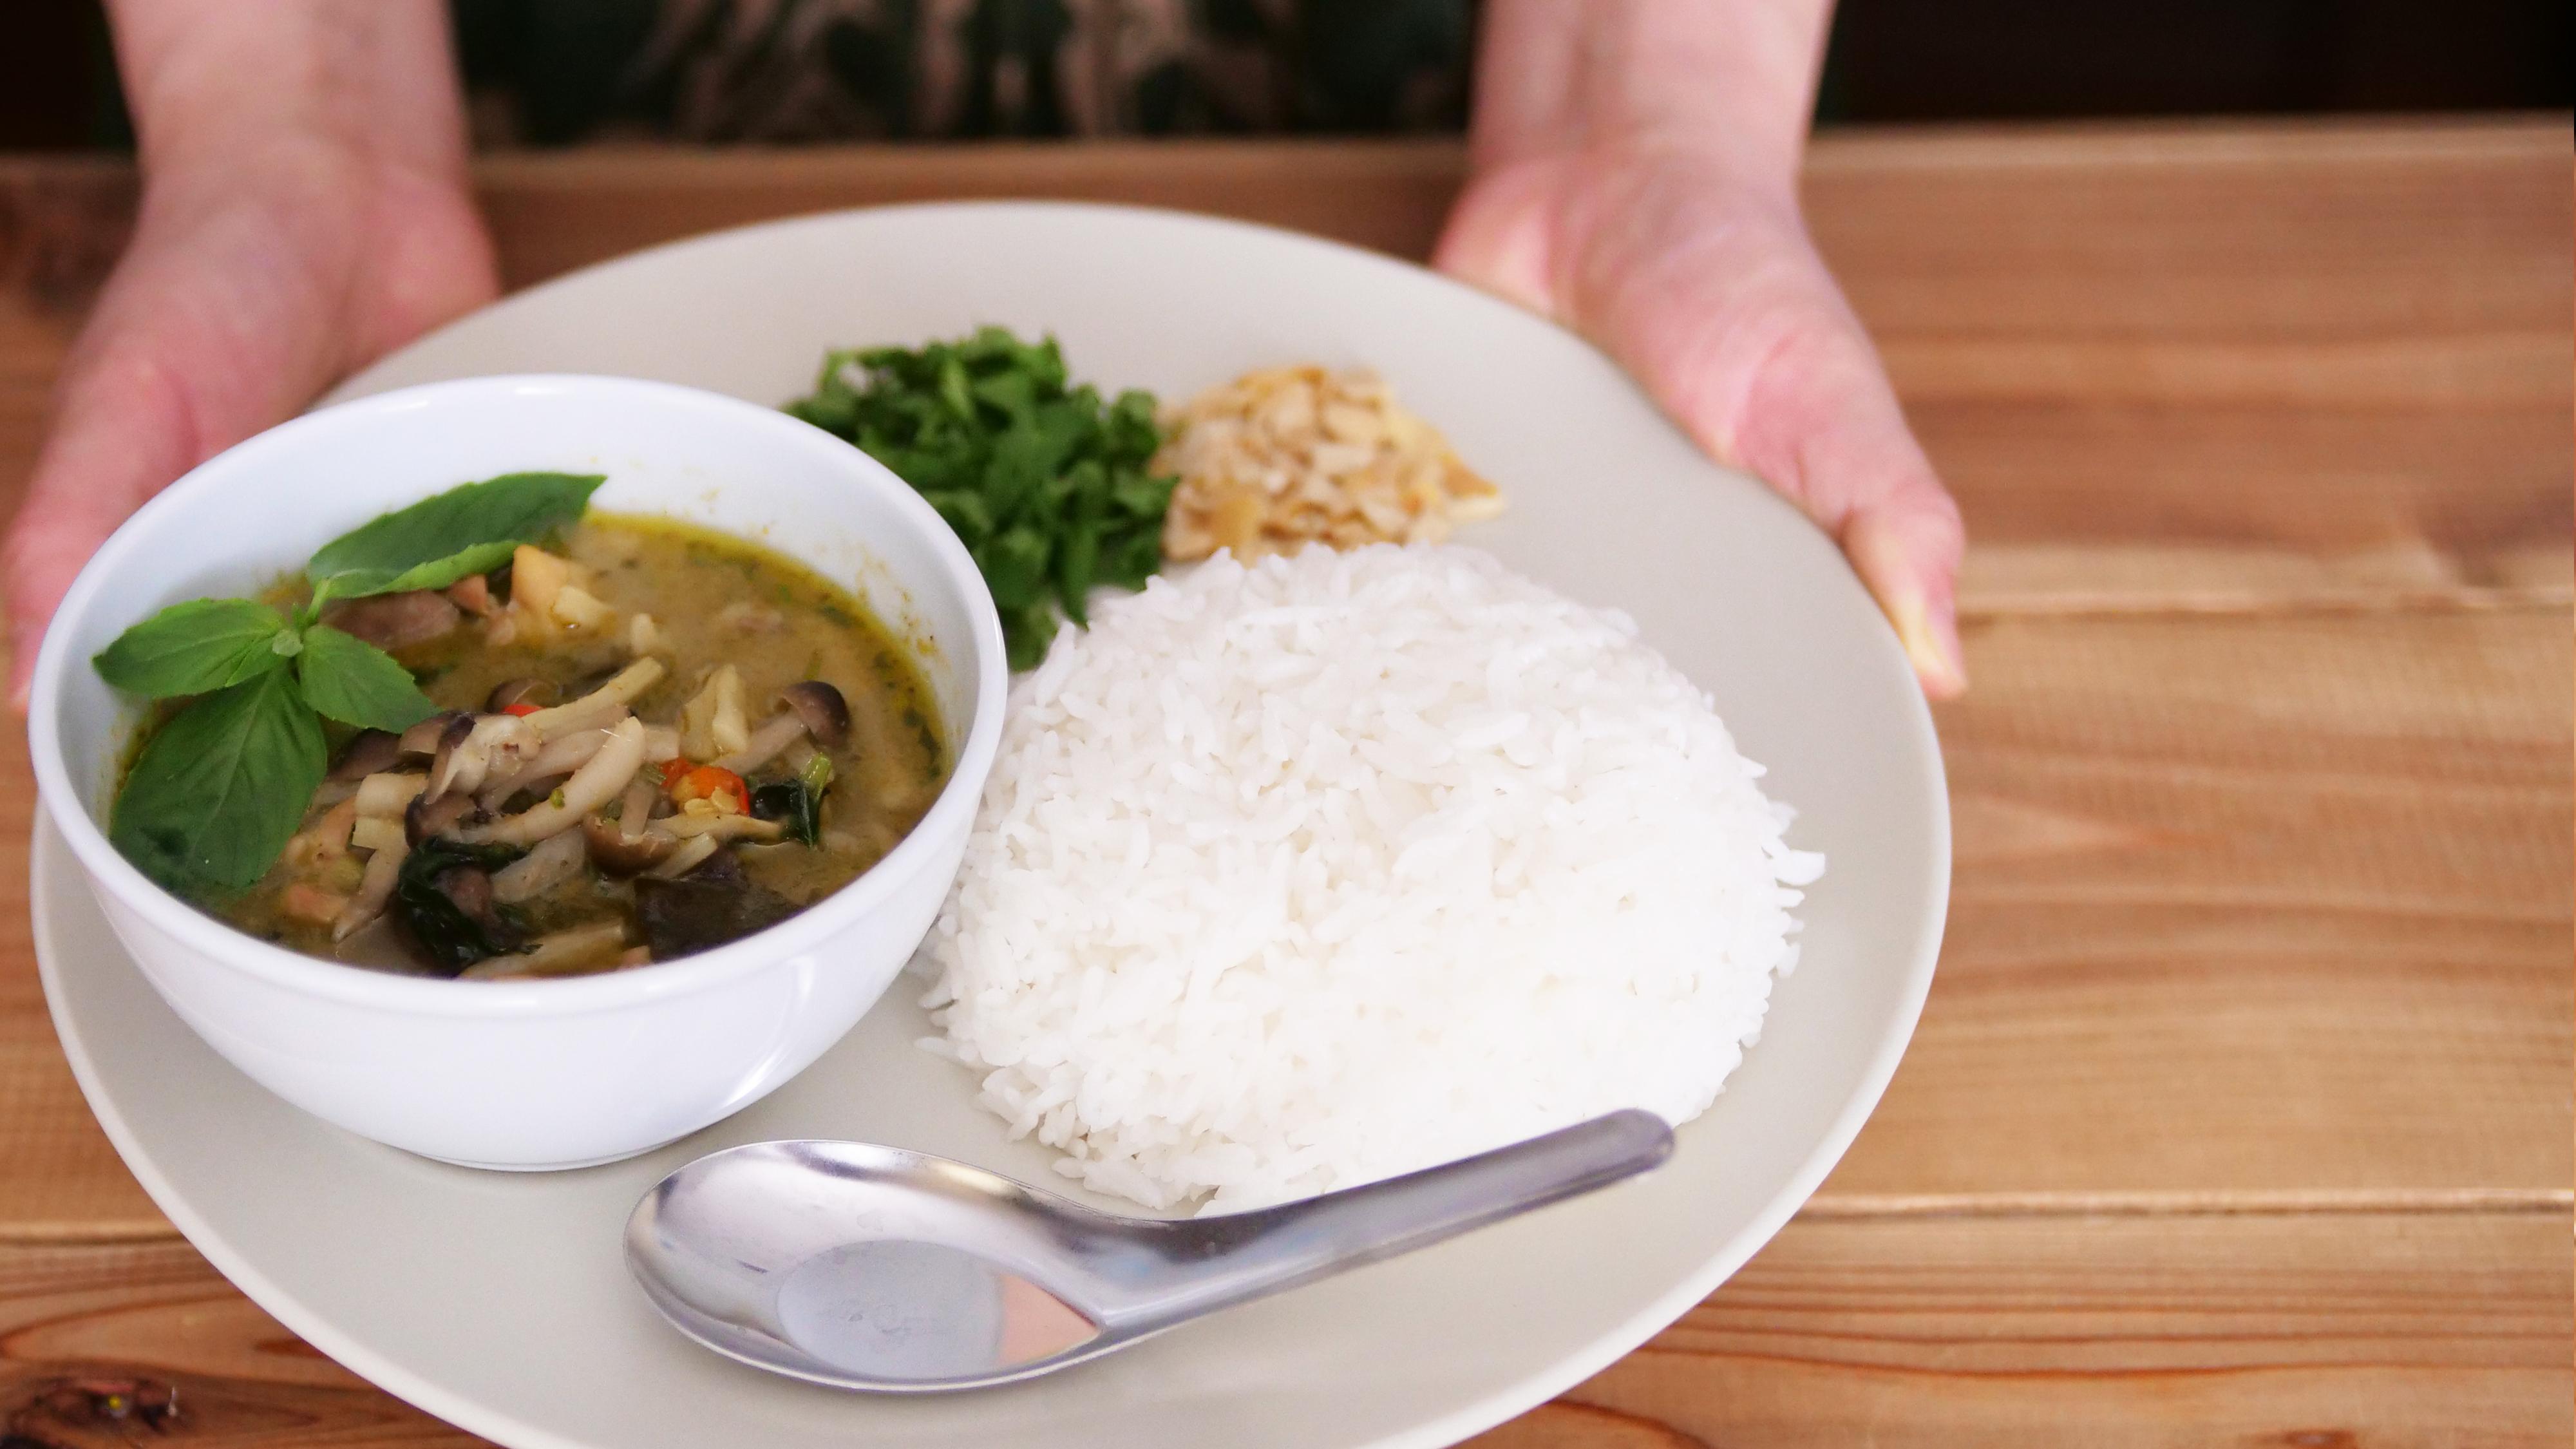 グリーン カレー ペースト レシピ